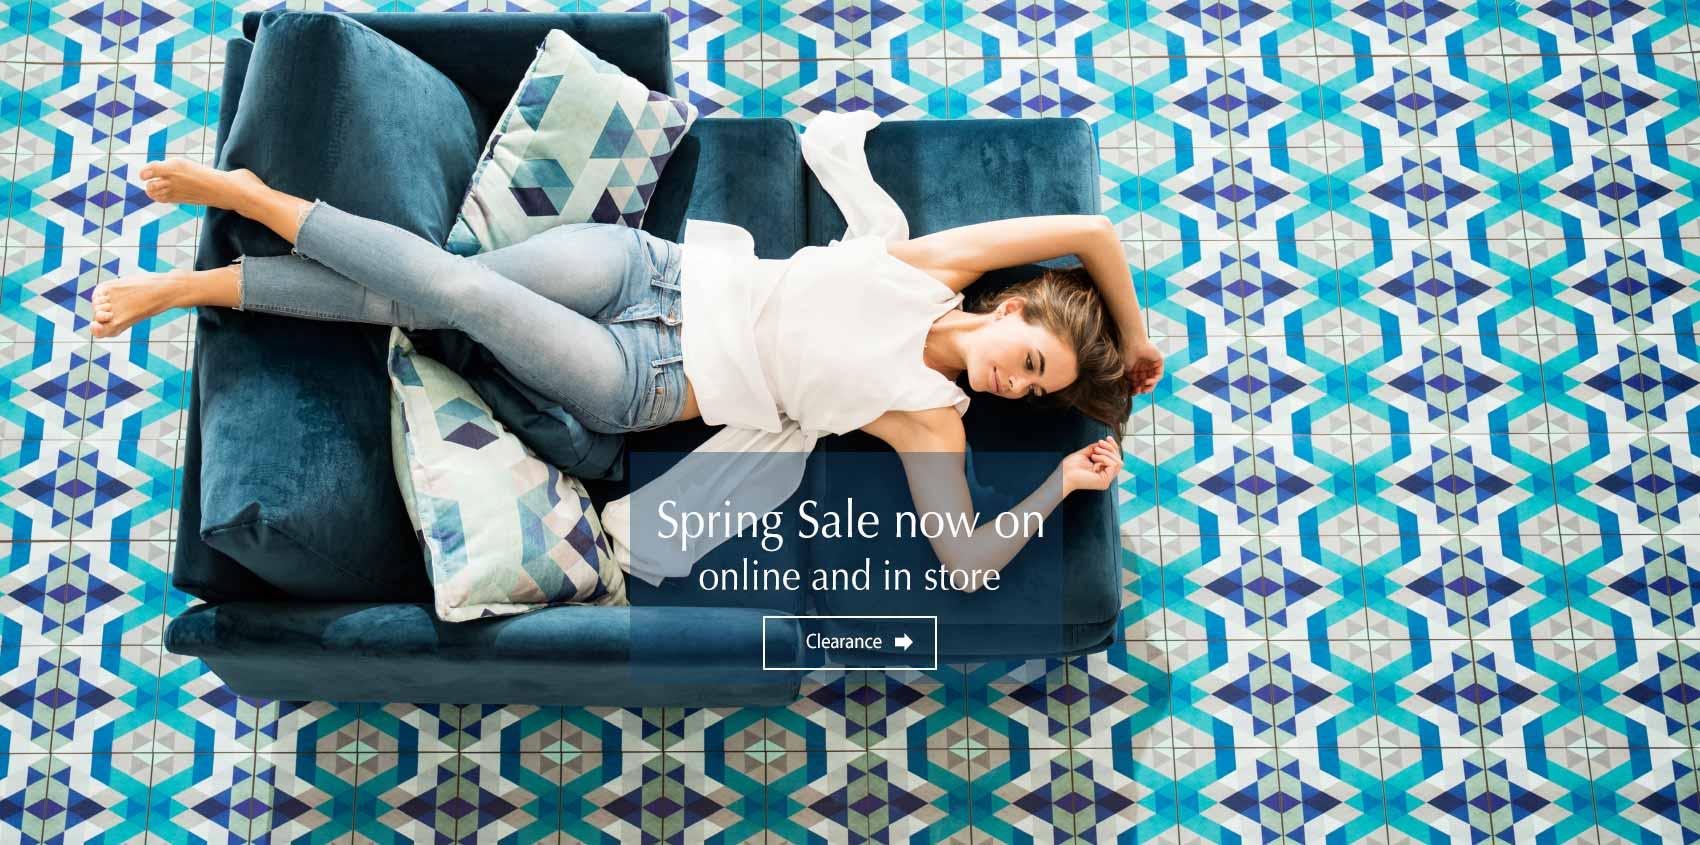 Insitu Spring Sale